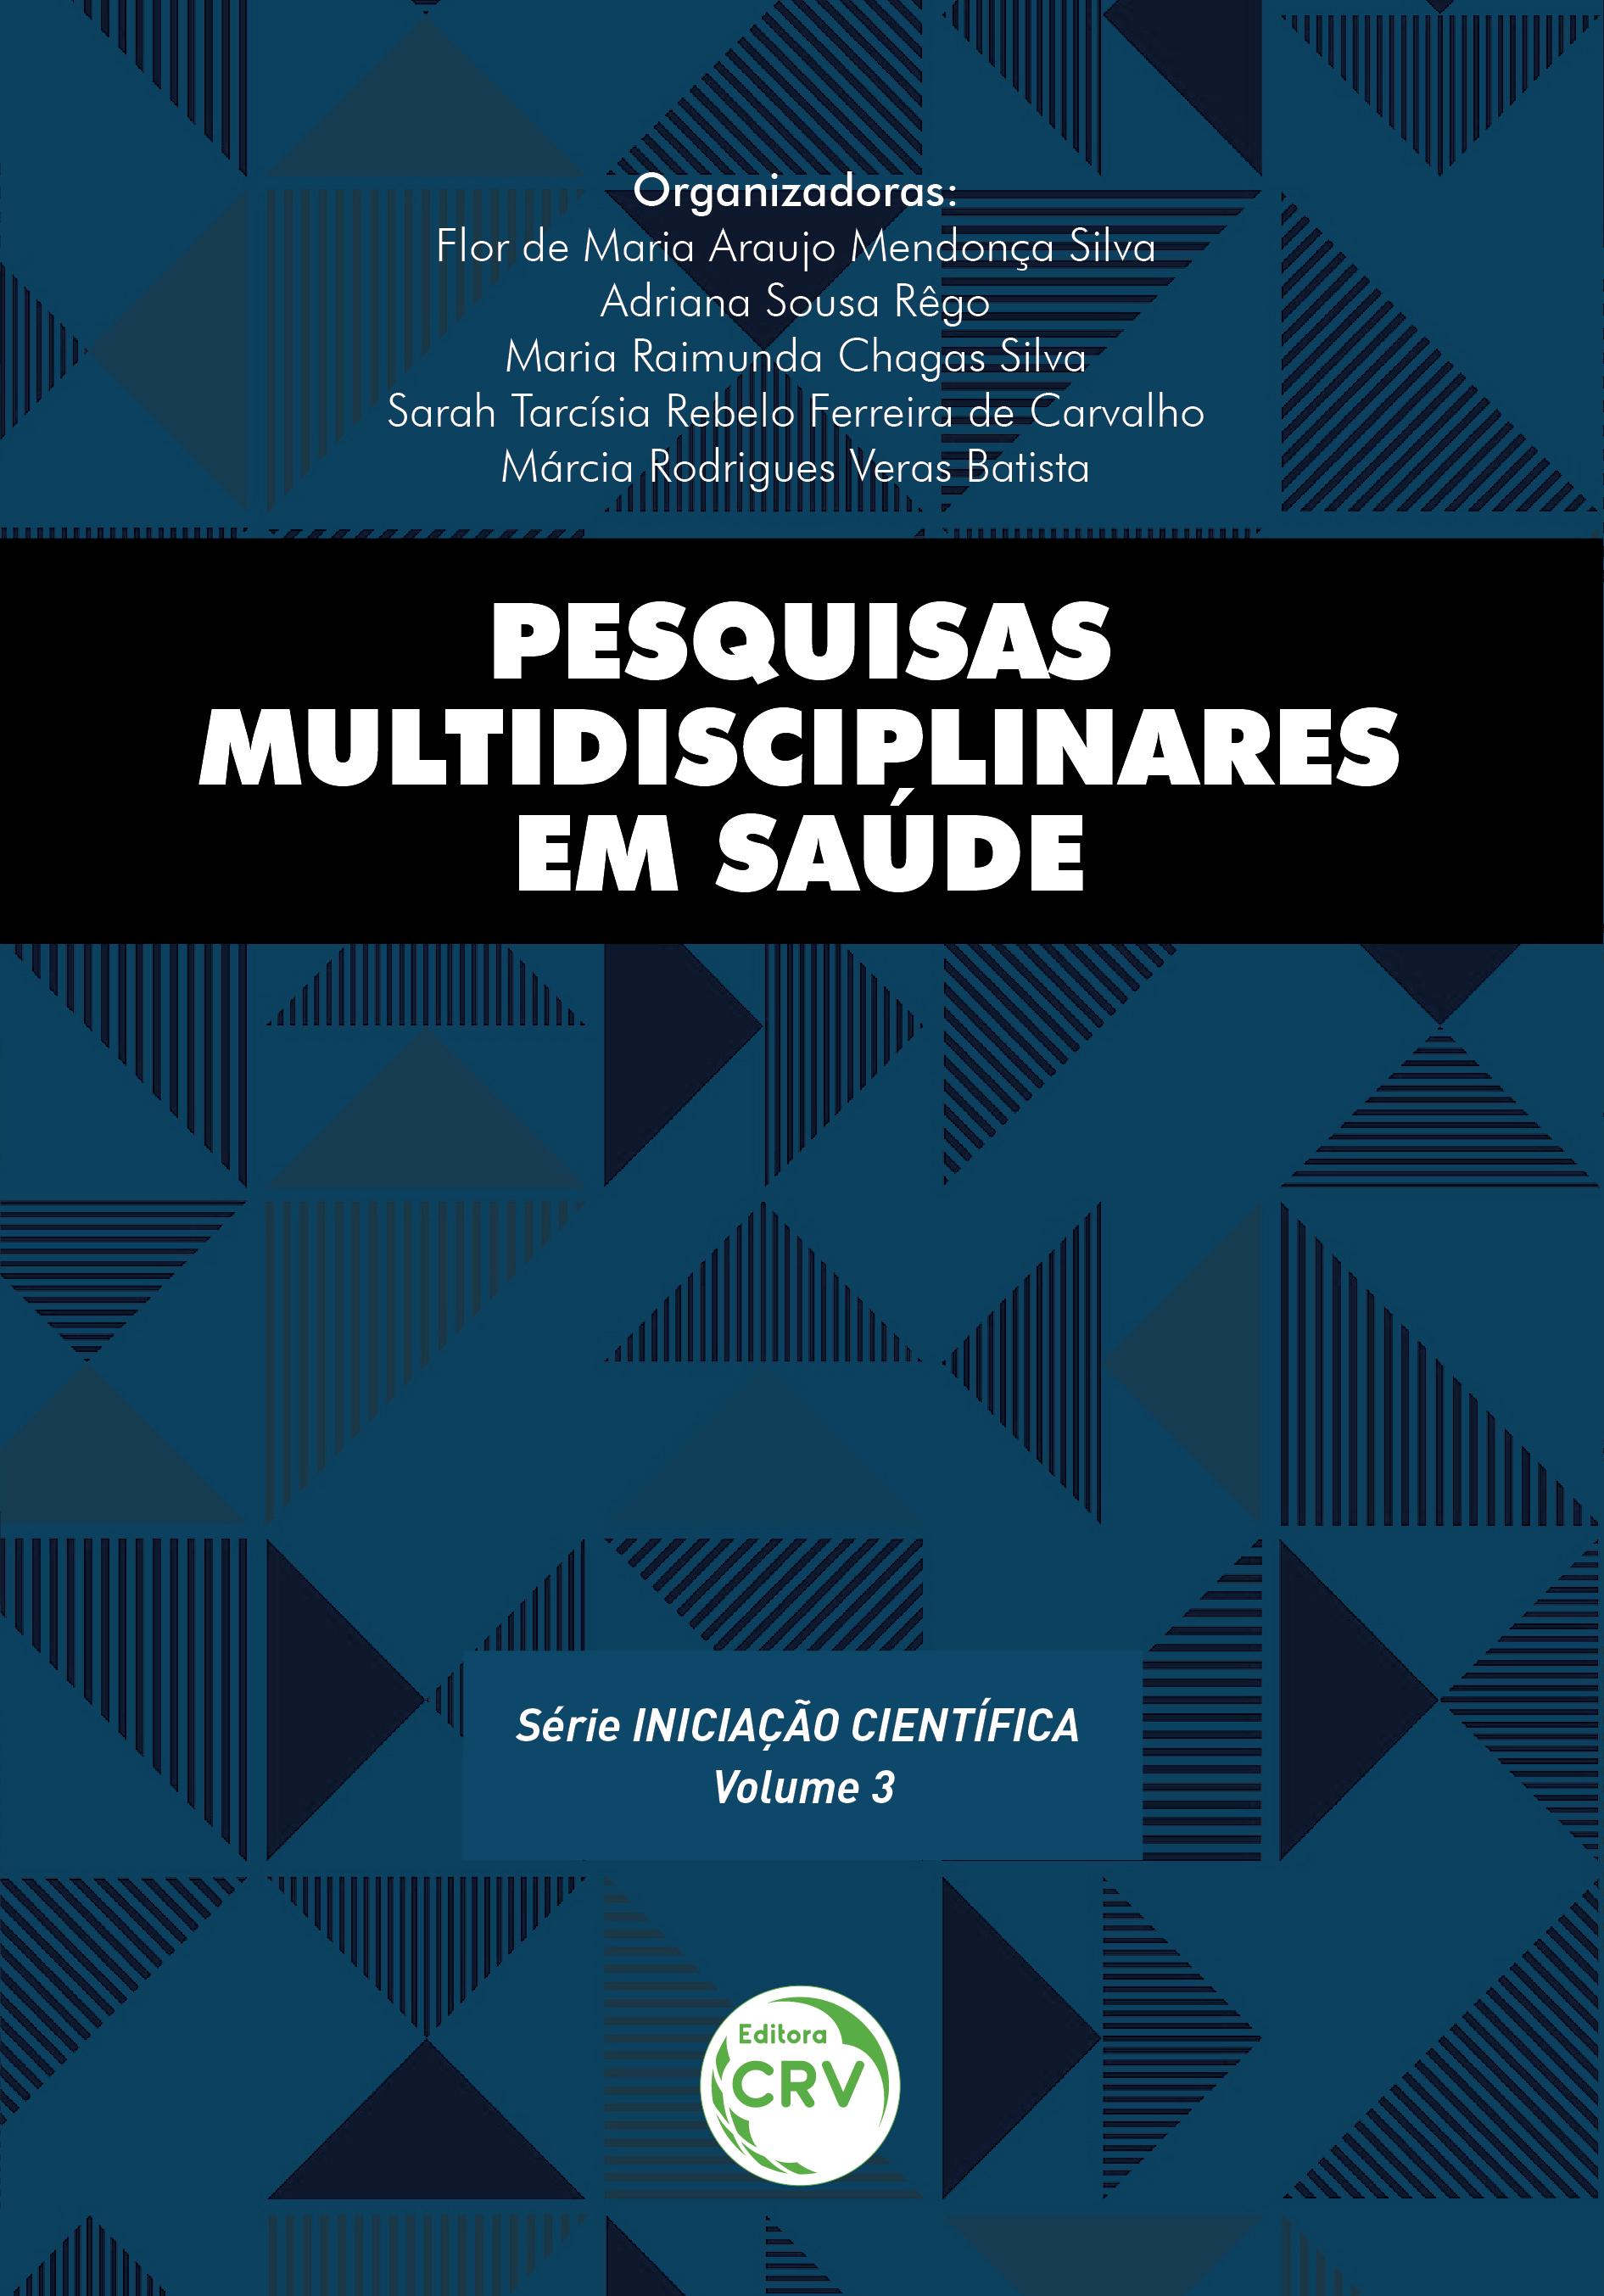 Capa do livro: PESQUISAS MULTIDISCIPLINARES EM SAÚDE <br>Série Iniciação científica - Volume 3